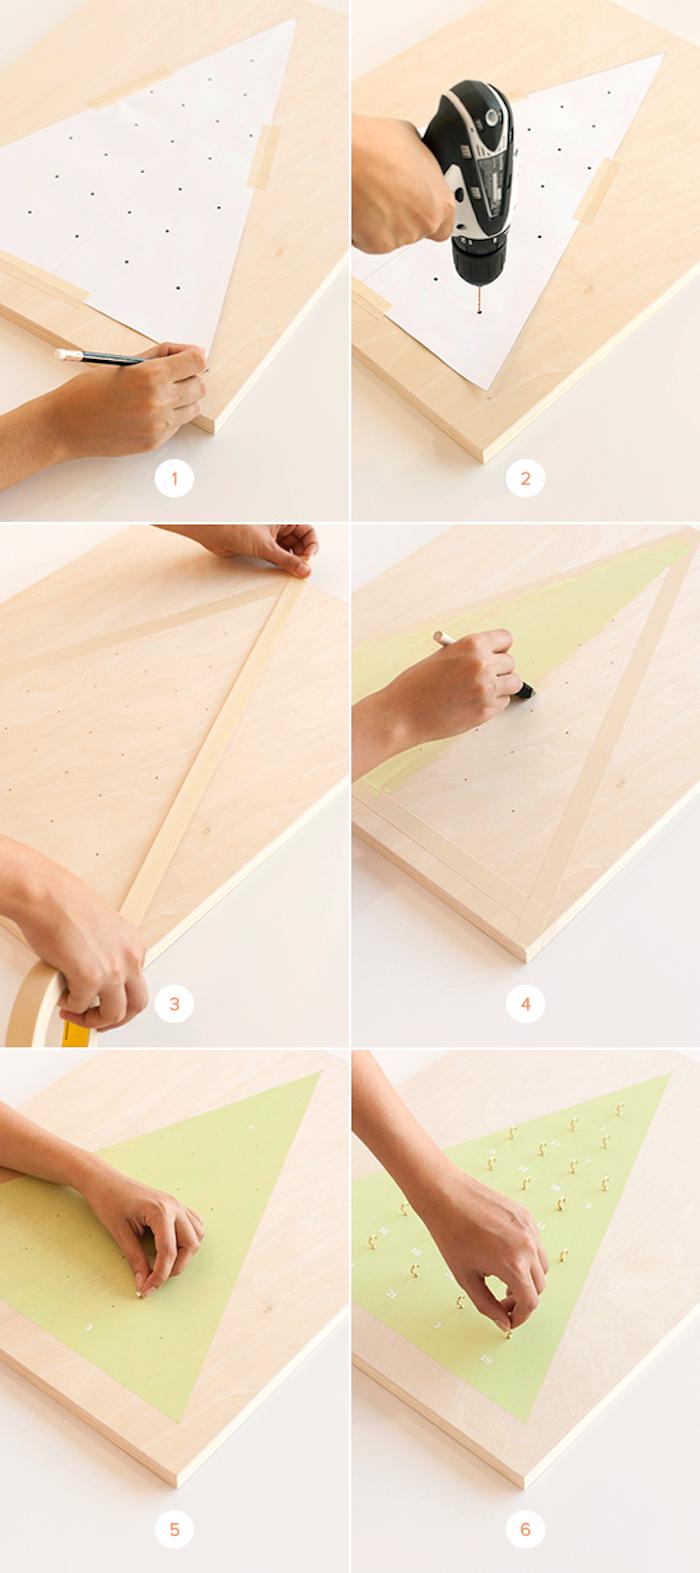 calendrier de l avent à faire soi même en panneau de bois avec dessin sapin de noel à petits crochets pour suspendre cadeaux avent